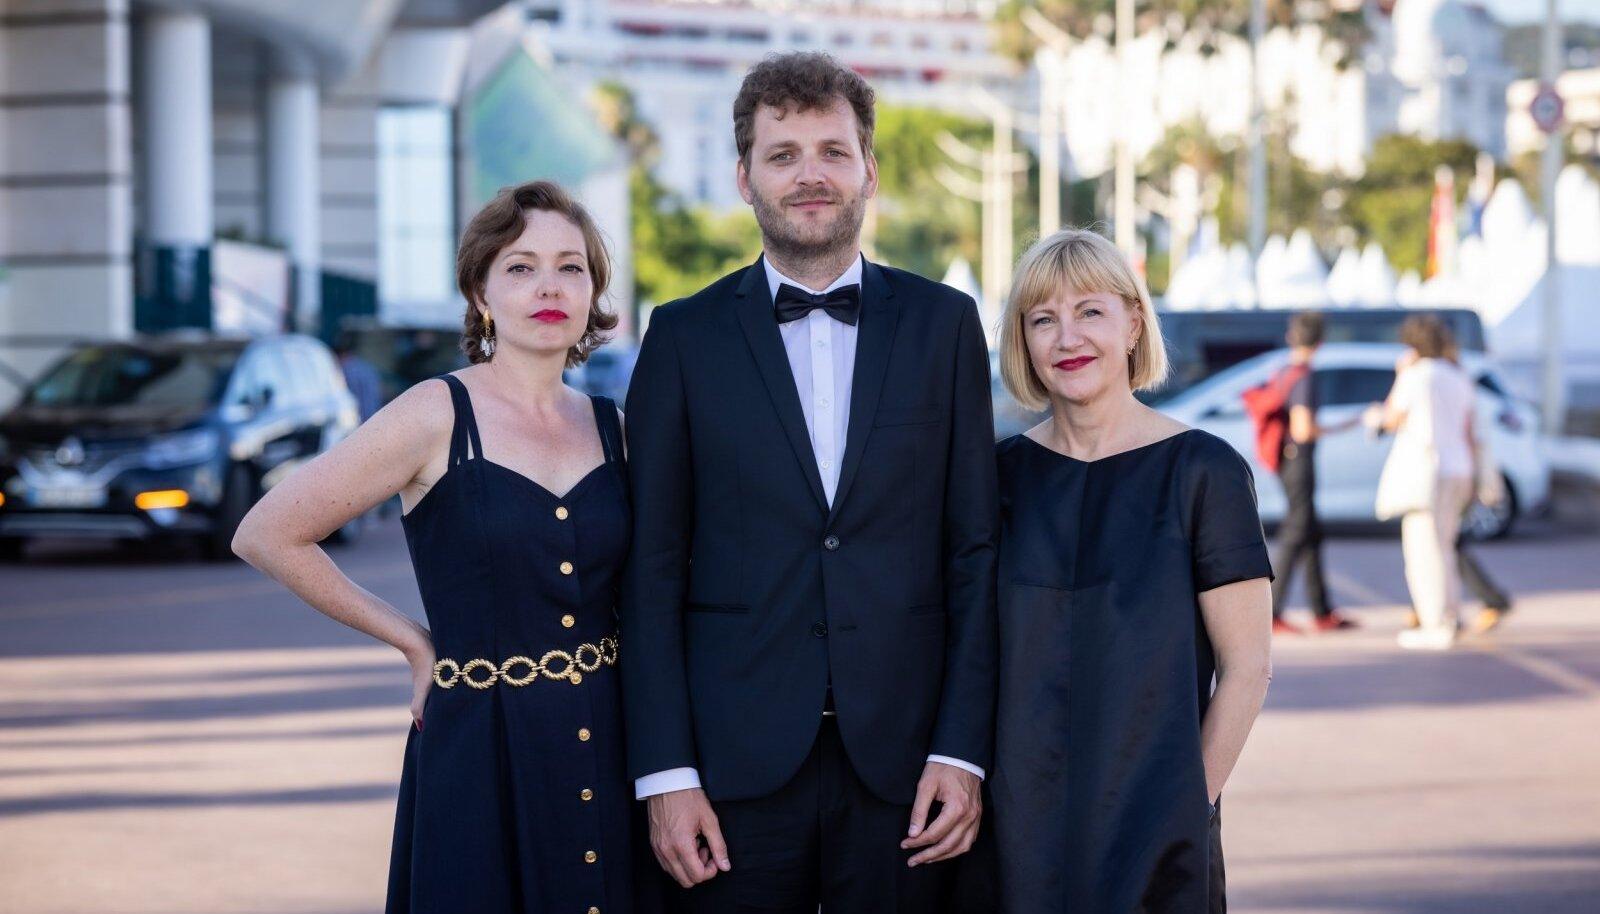 Vasakult paremale: Livia Ulman, Andris Feldmanis, Riina Sildos